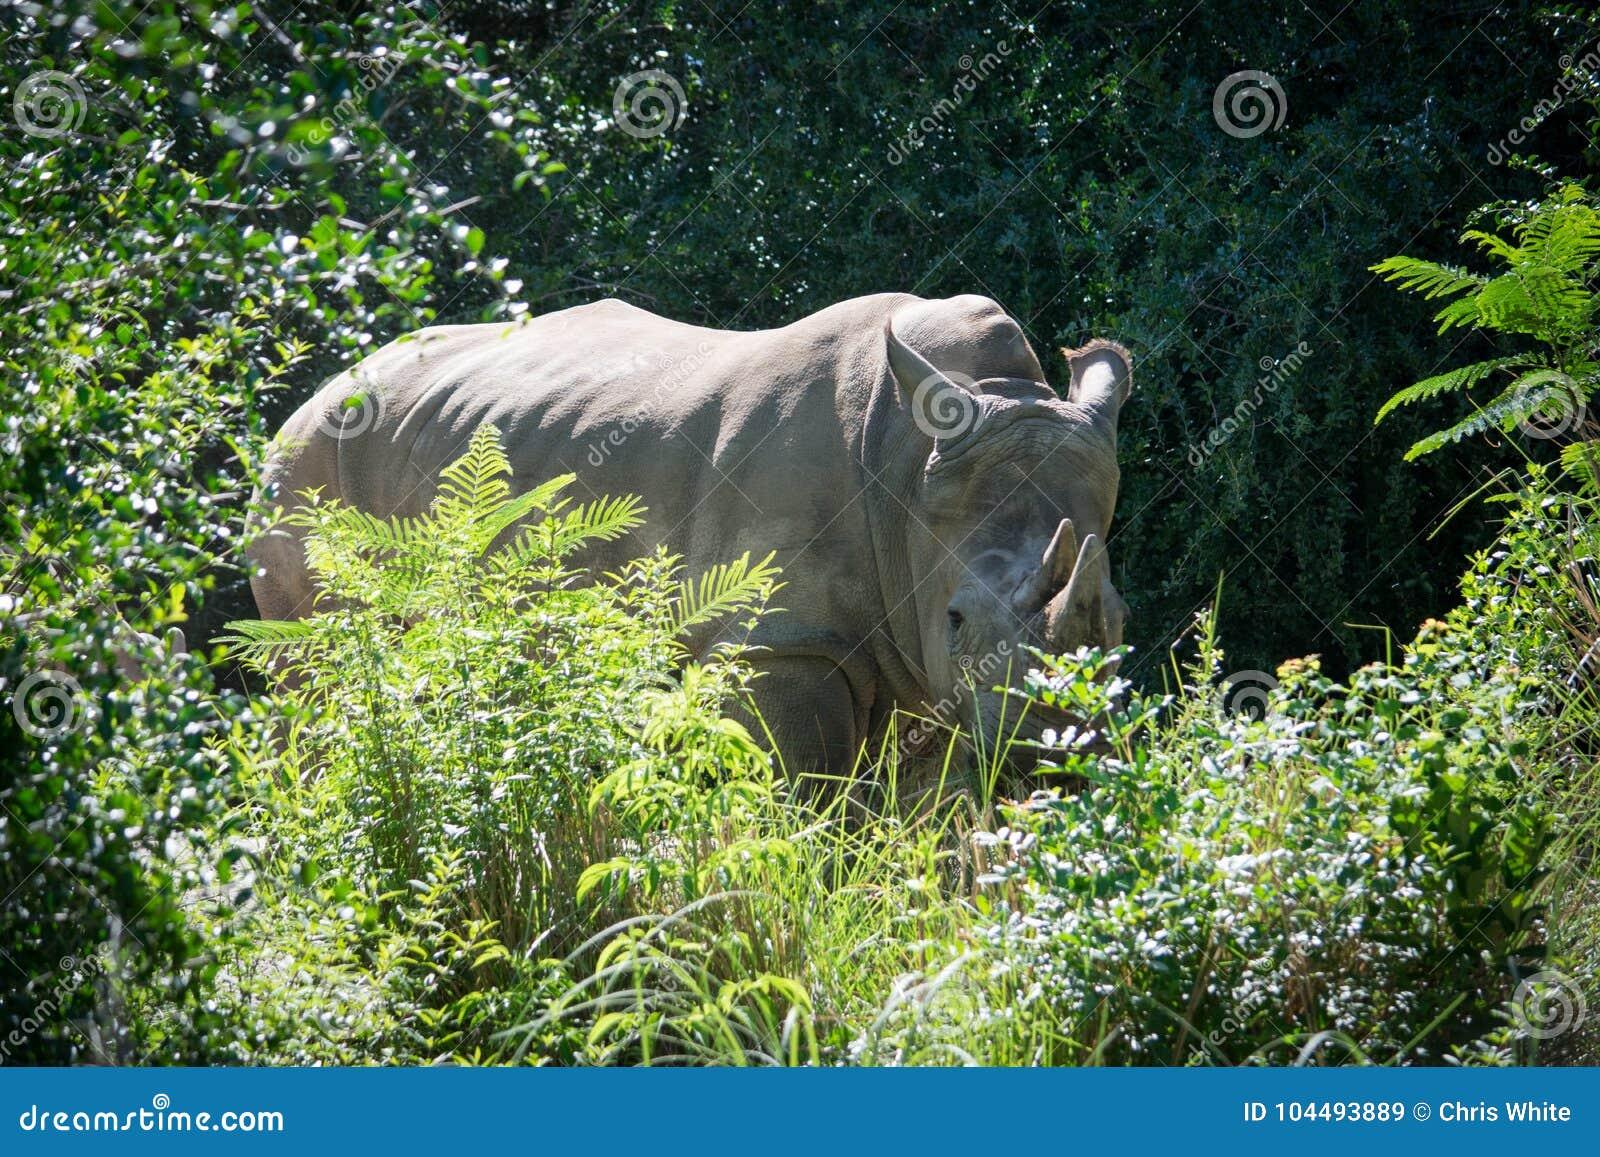 Shy rhino stock image  Image of strange, outdoors, have